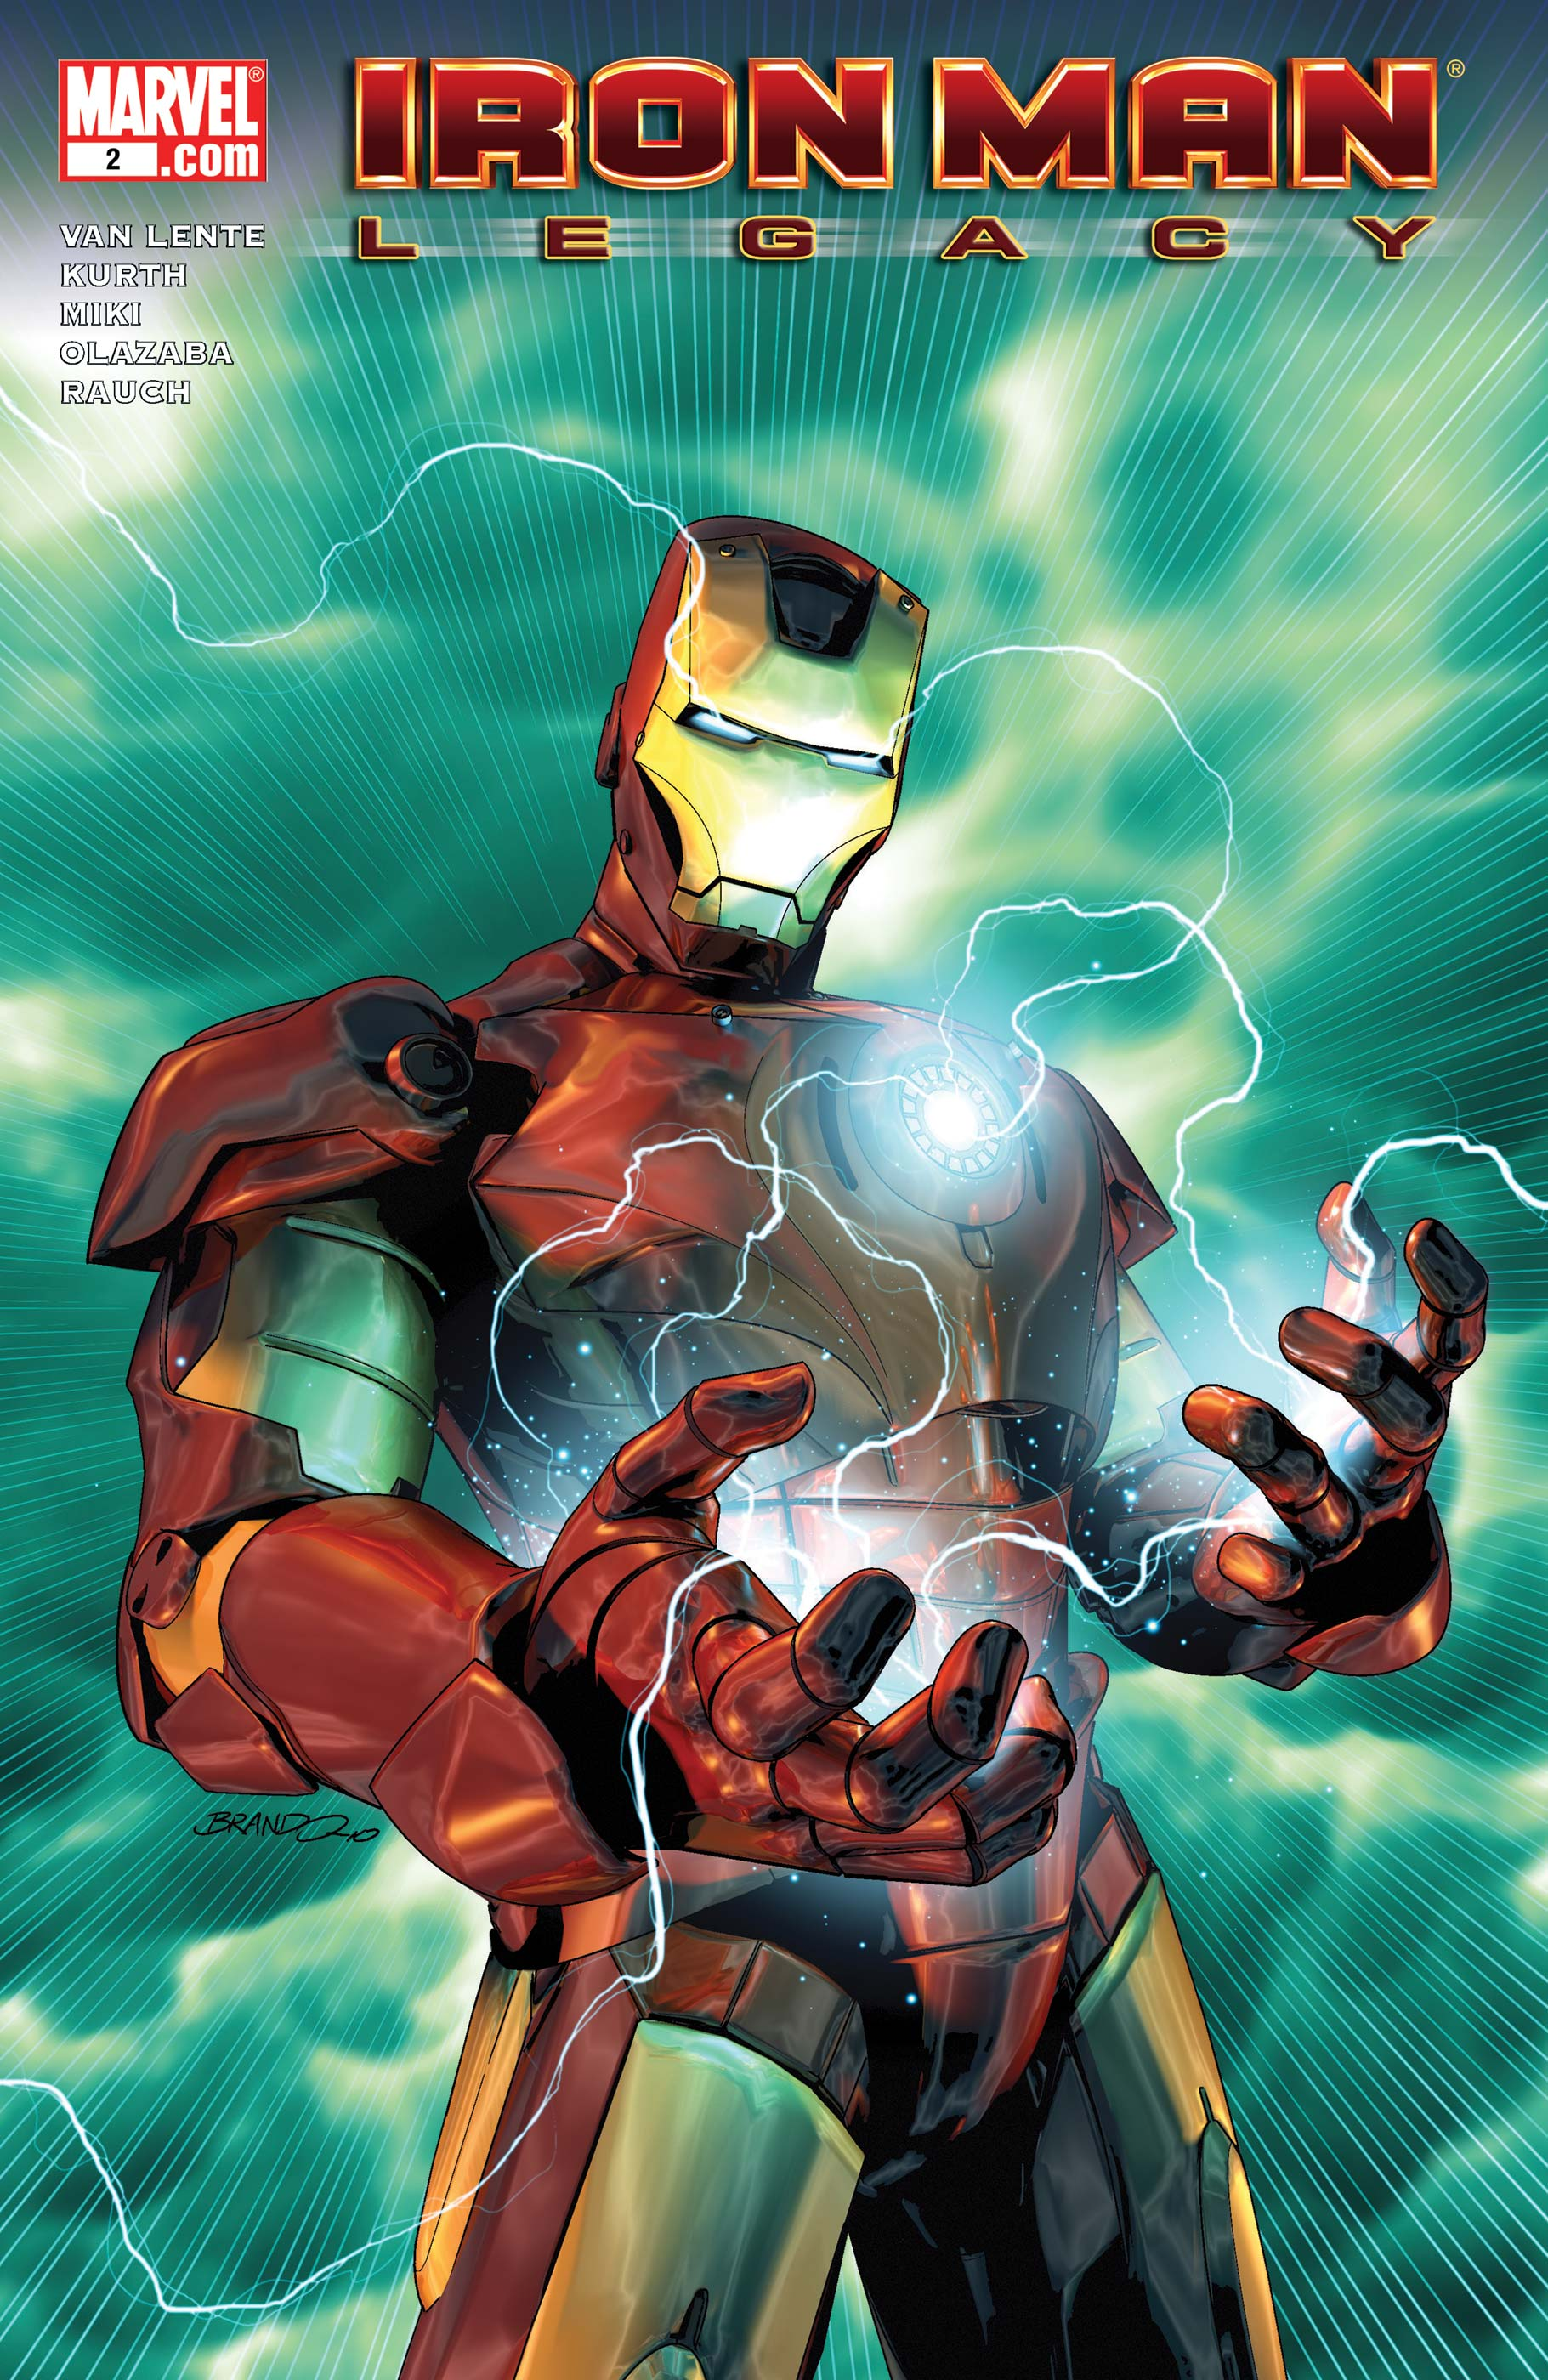 Iron Man Legacy (2010) #2